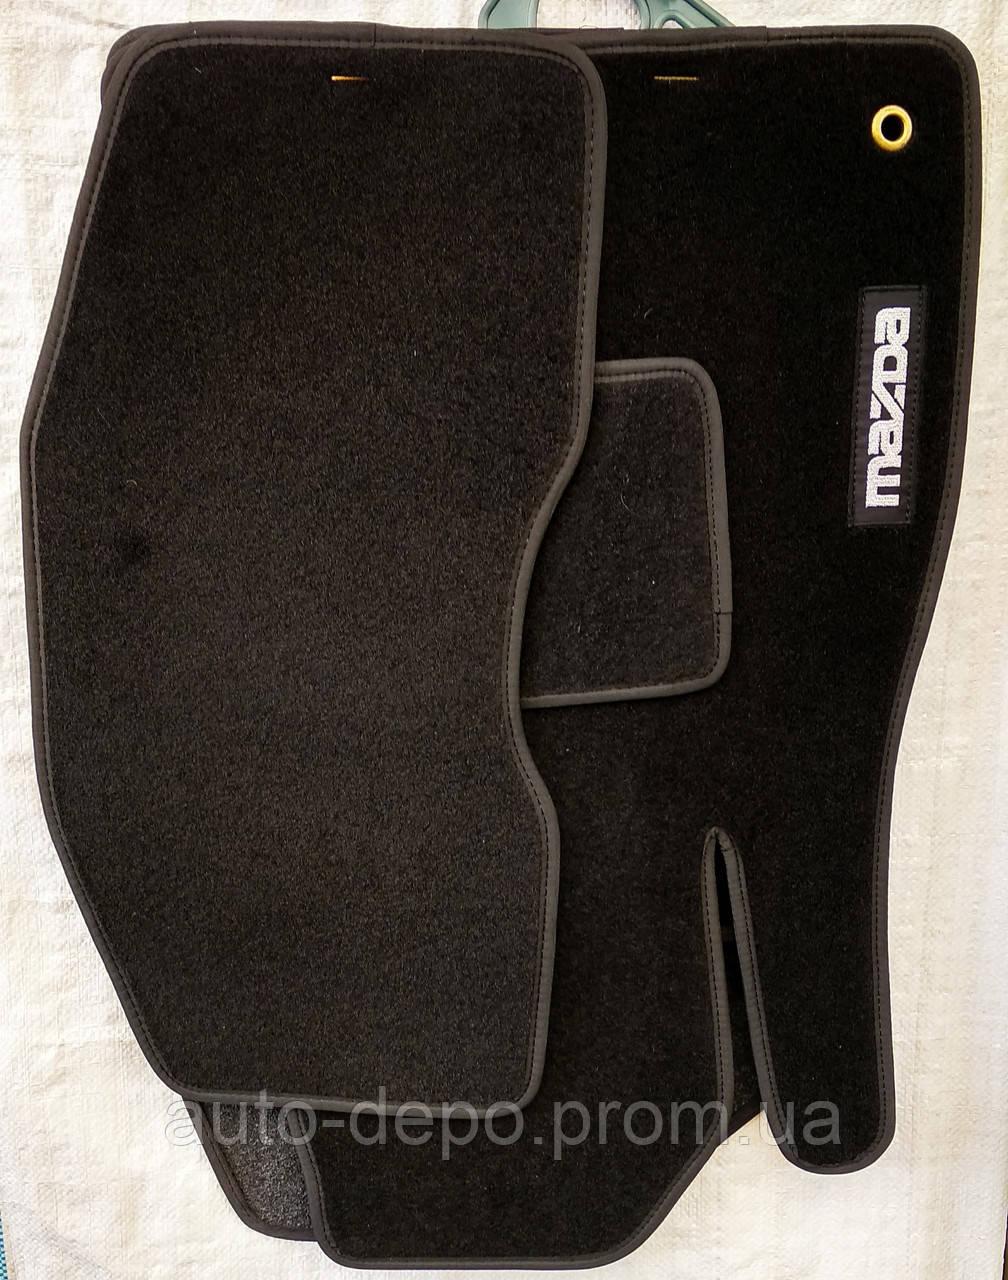 Тканевые автомобильные коврики MAZDA ( МАЗДА )